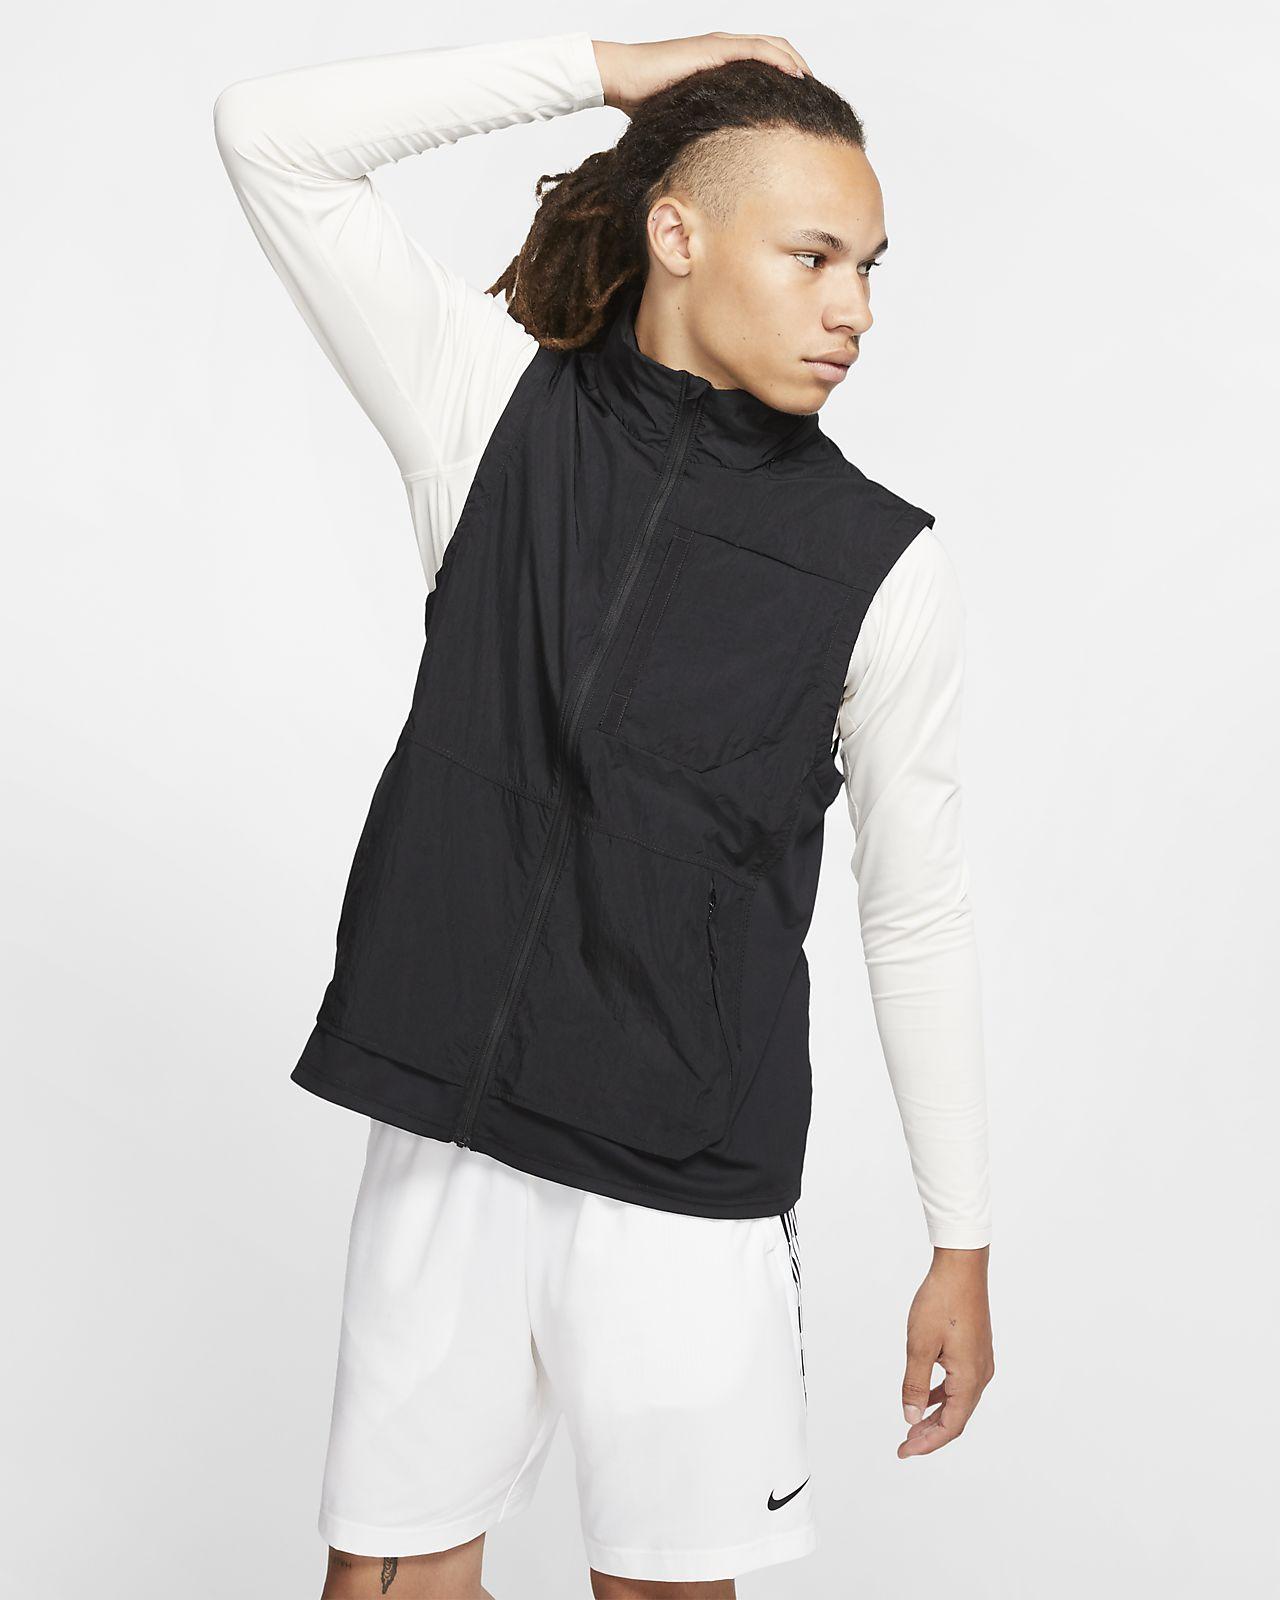 Nike Men's Hooded Training Vest